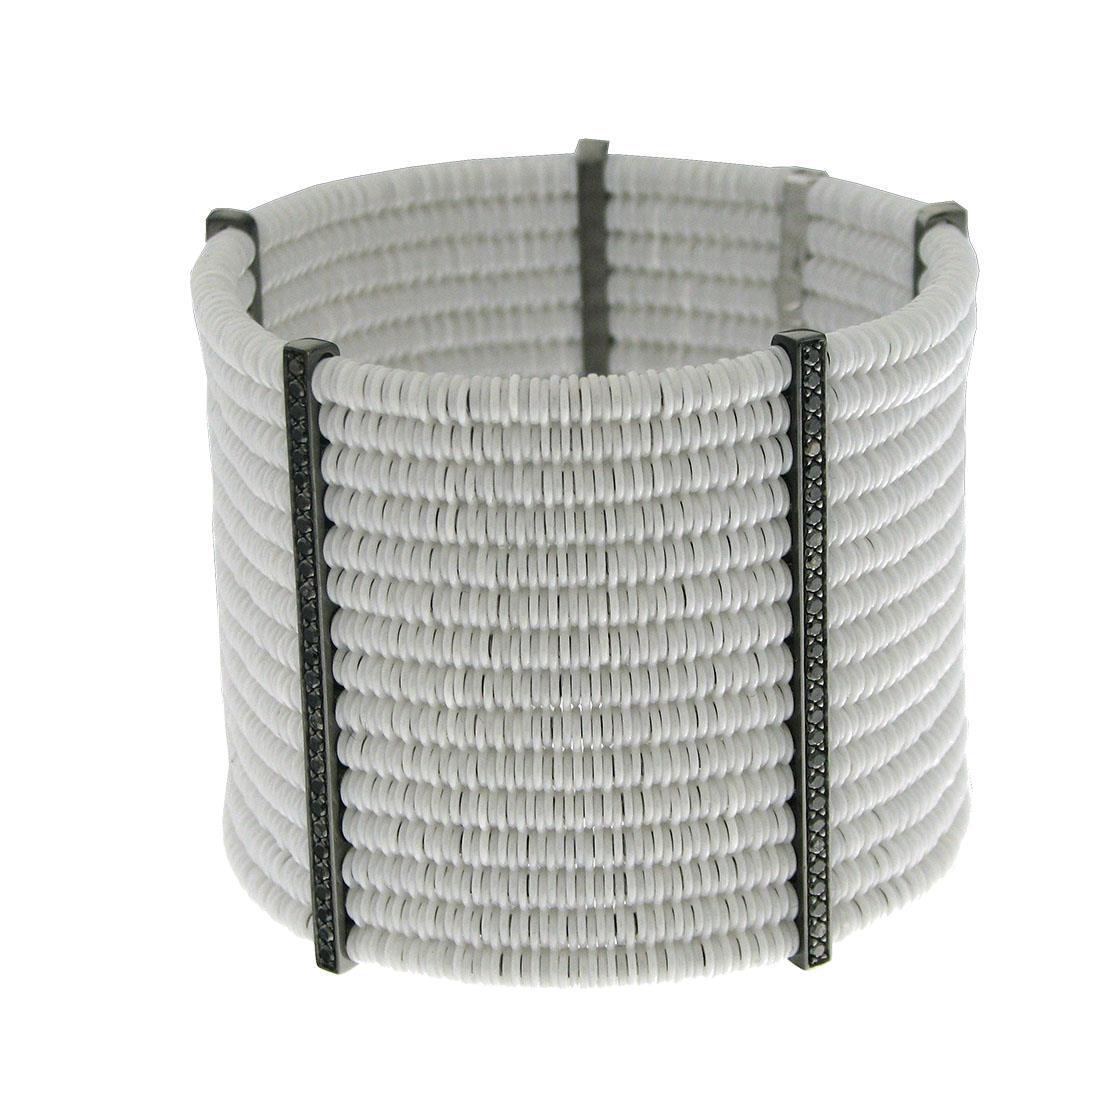 Bracciale 15 file di ceramica bianca con cinque elementi in diamanti neri - ROBERTO DEMEGLIO